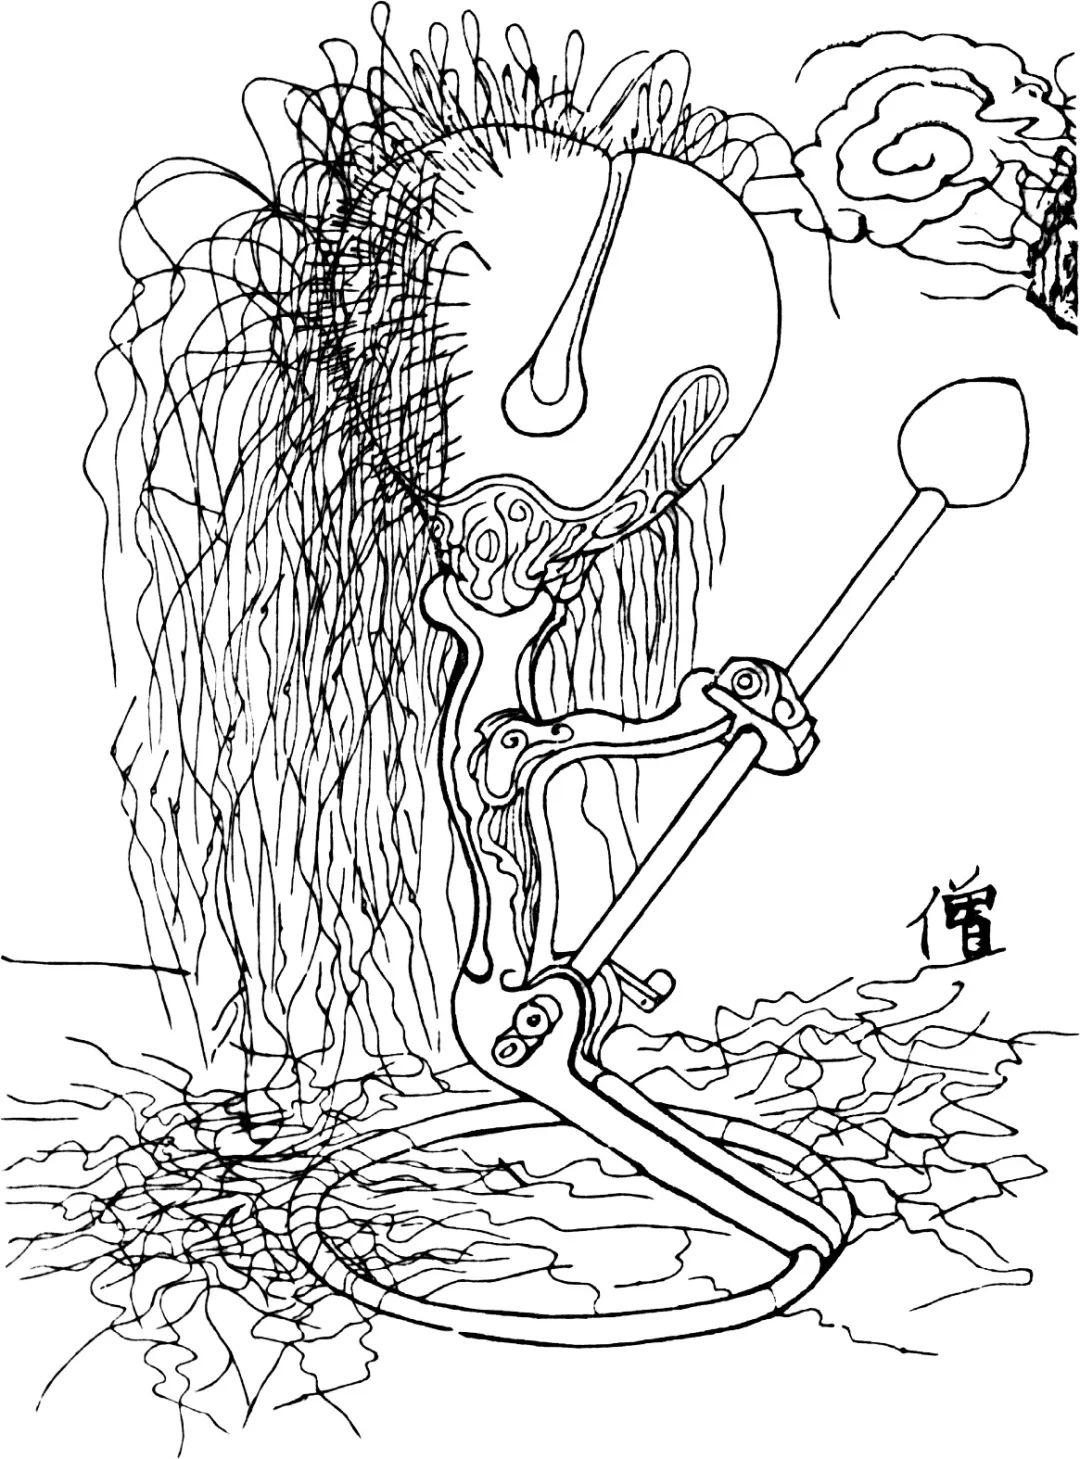 一个自动敲木鱼装置。木鱼上扎满钢针,钢针后连接头发丝。随着敲打木鱼,钢针逐渐被震动掉落。